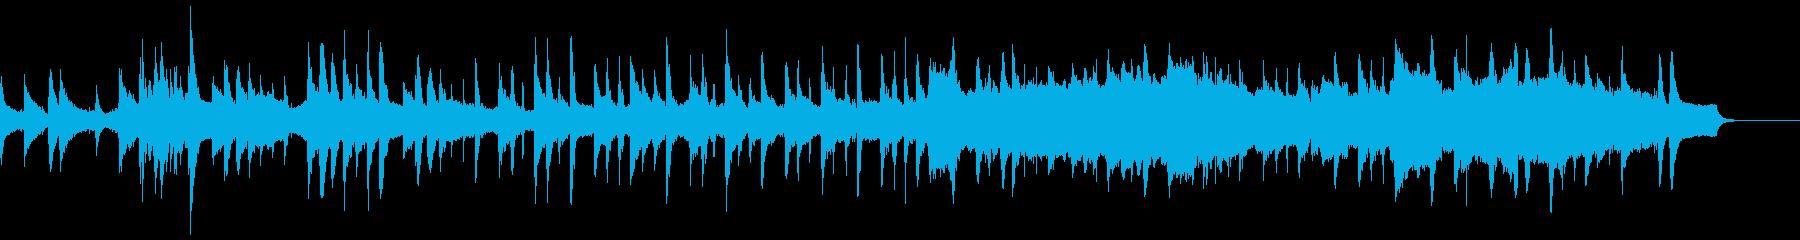 ストリングスとピアノによる、けだるいボサの再生済みの波形